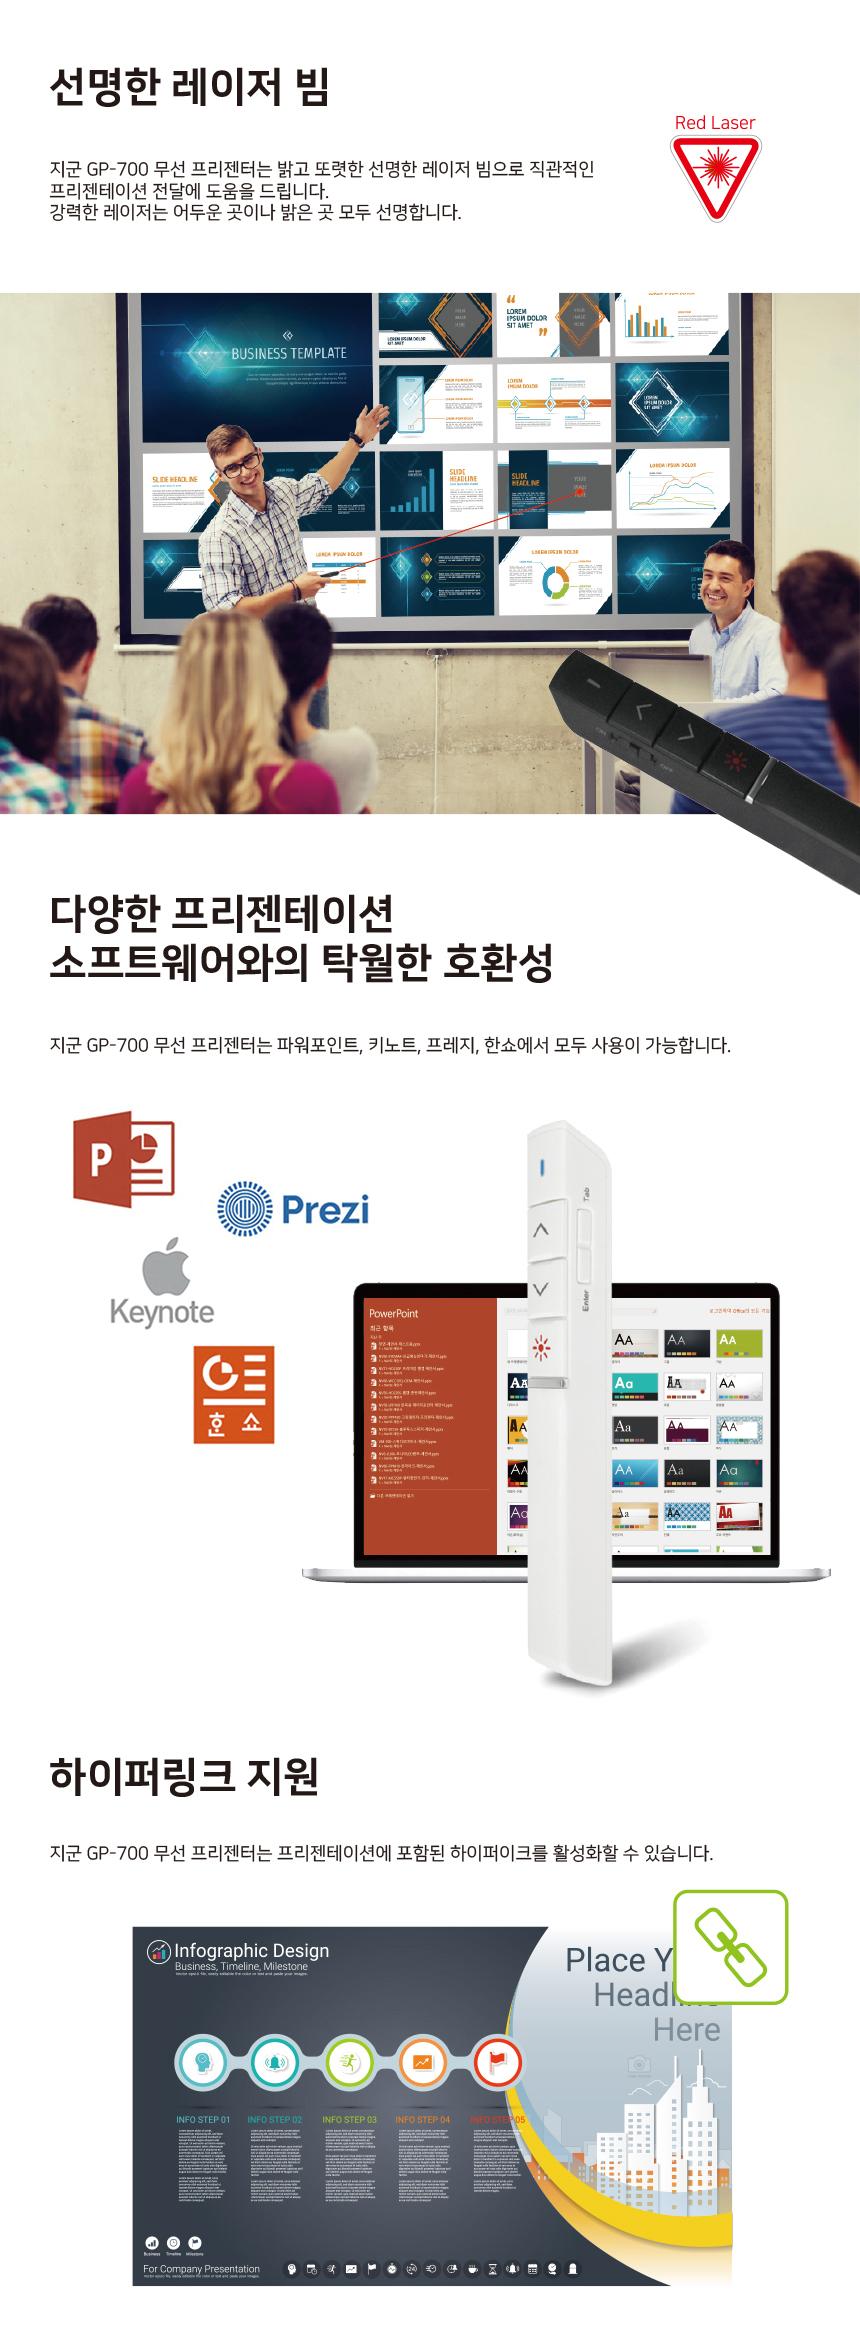 G-GOON GP-700 블랙 무선프리젠터&레이져포인터 (정품)